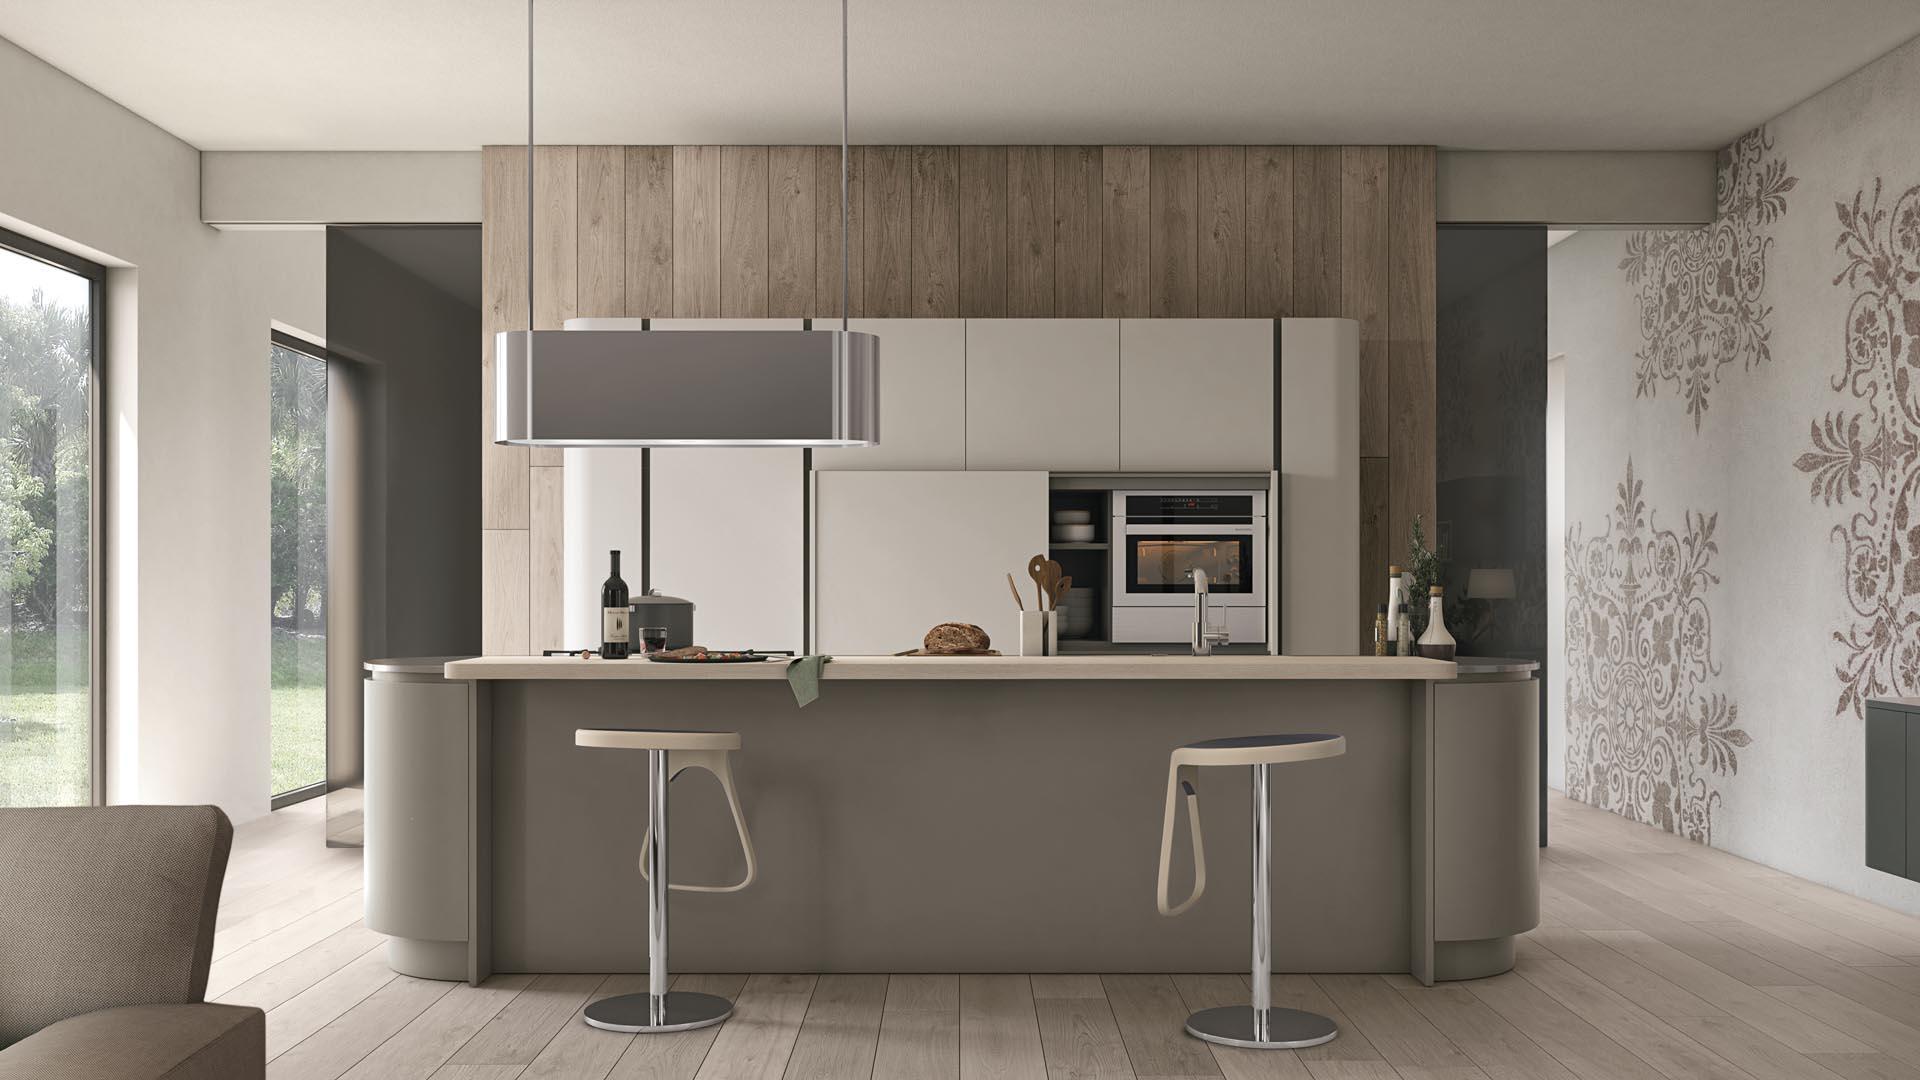 Colori per la cucina lube store milano le cucine lube creo a milano - Colori per interni cucina ...